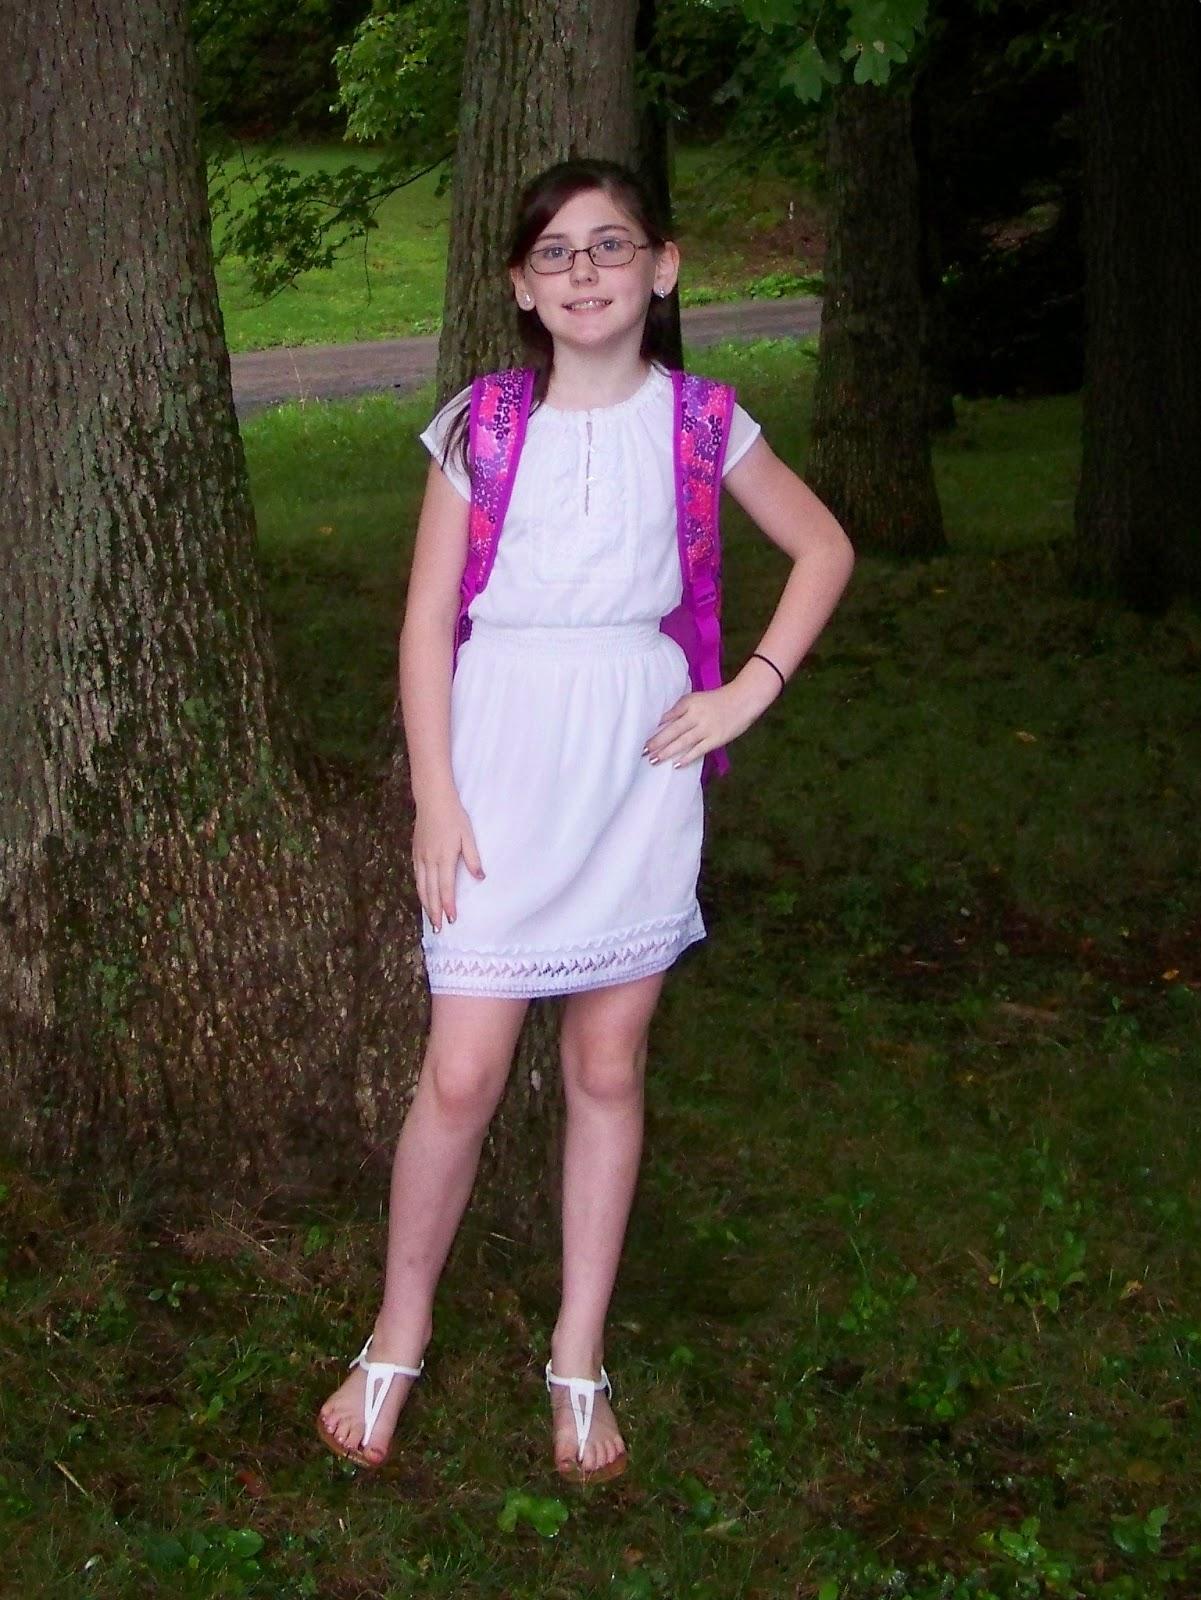 eight grade girlfrend naked